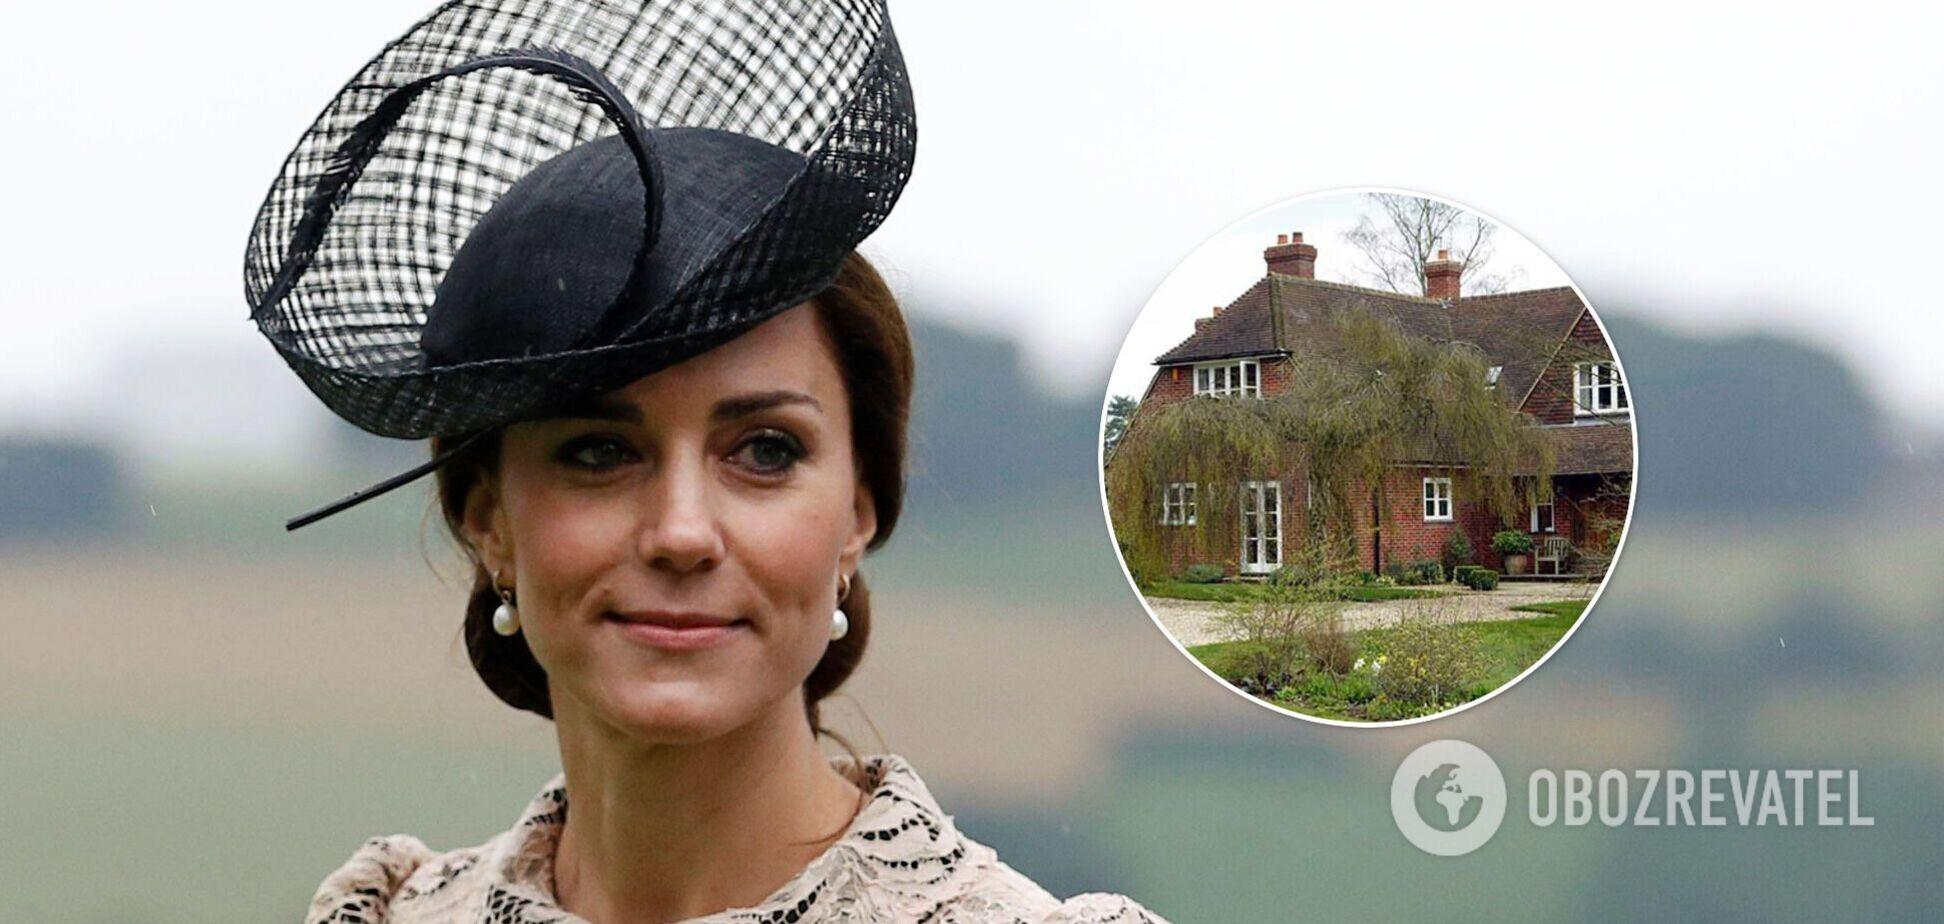 В сети показали фото дома, в котором жила Кейт Миддлтон